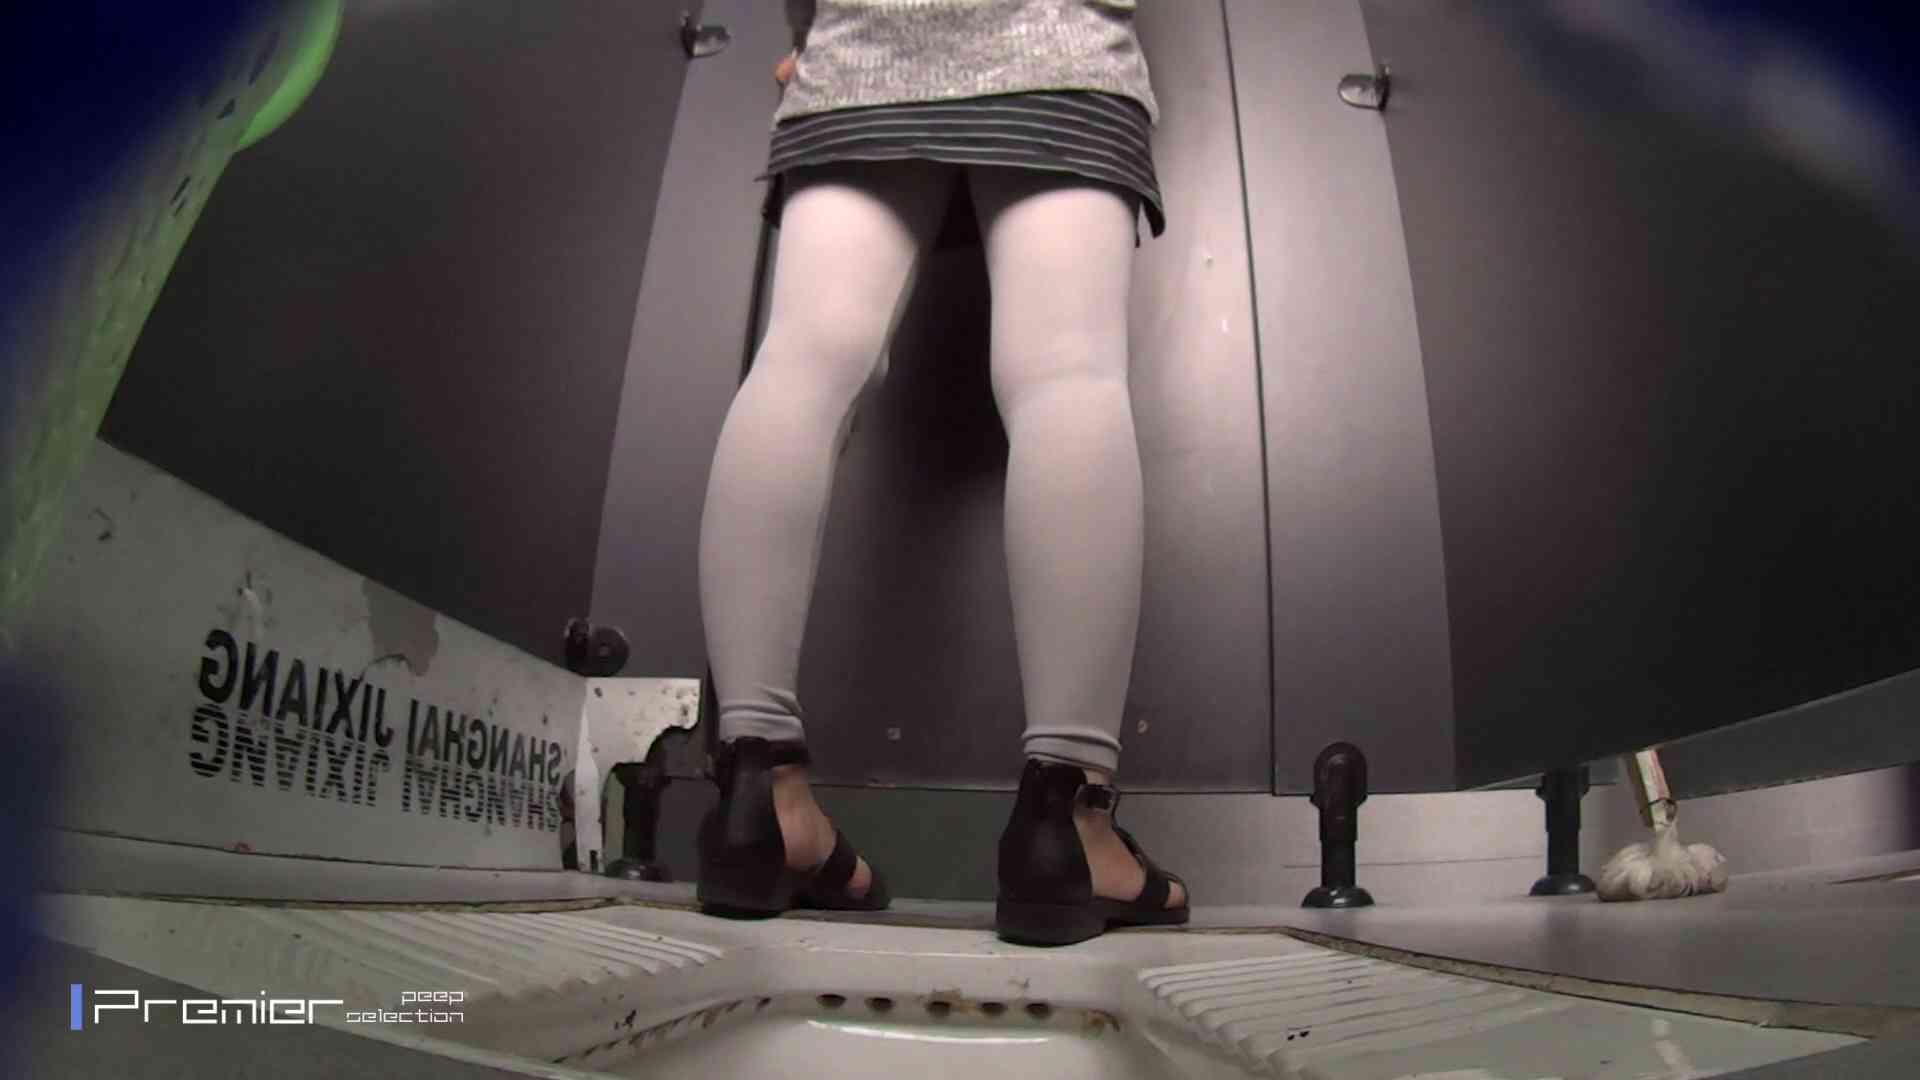 グレースパッツお女市さん 大学休憩時間の洗面所事情31 盗撮 | 美女  88pic 25